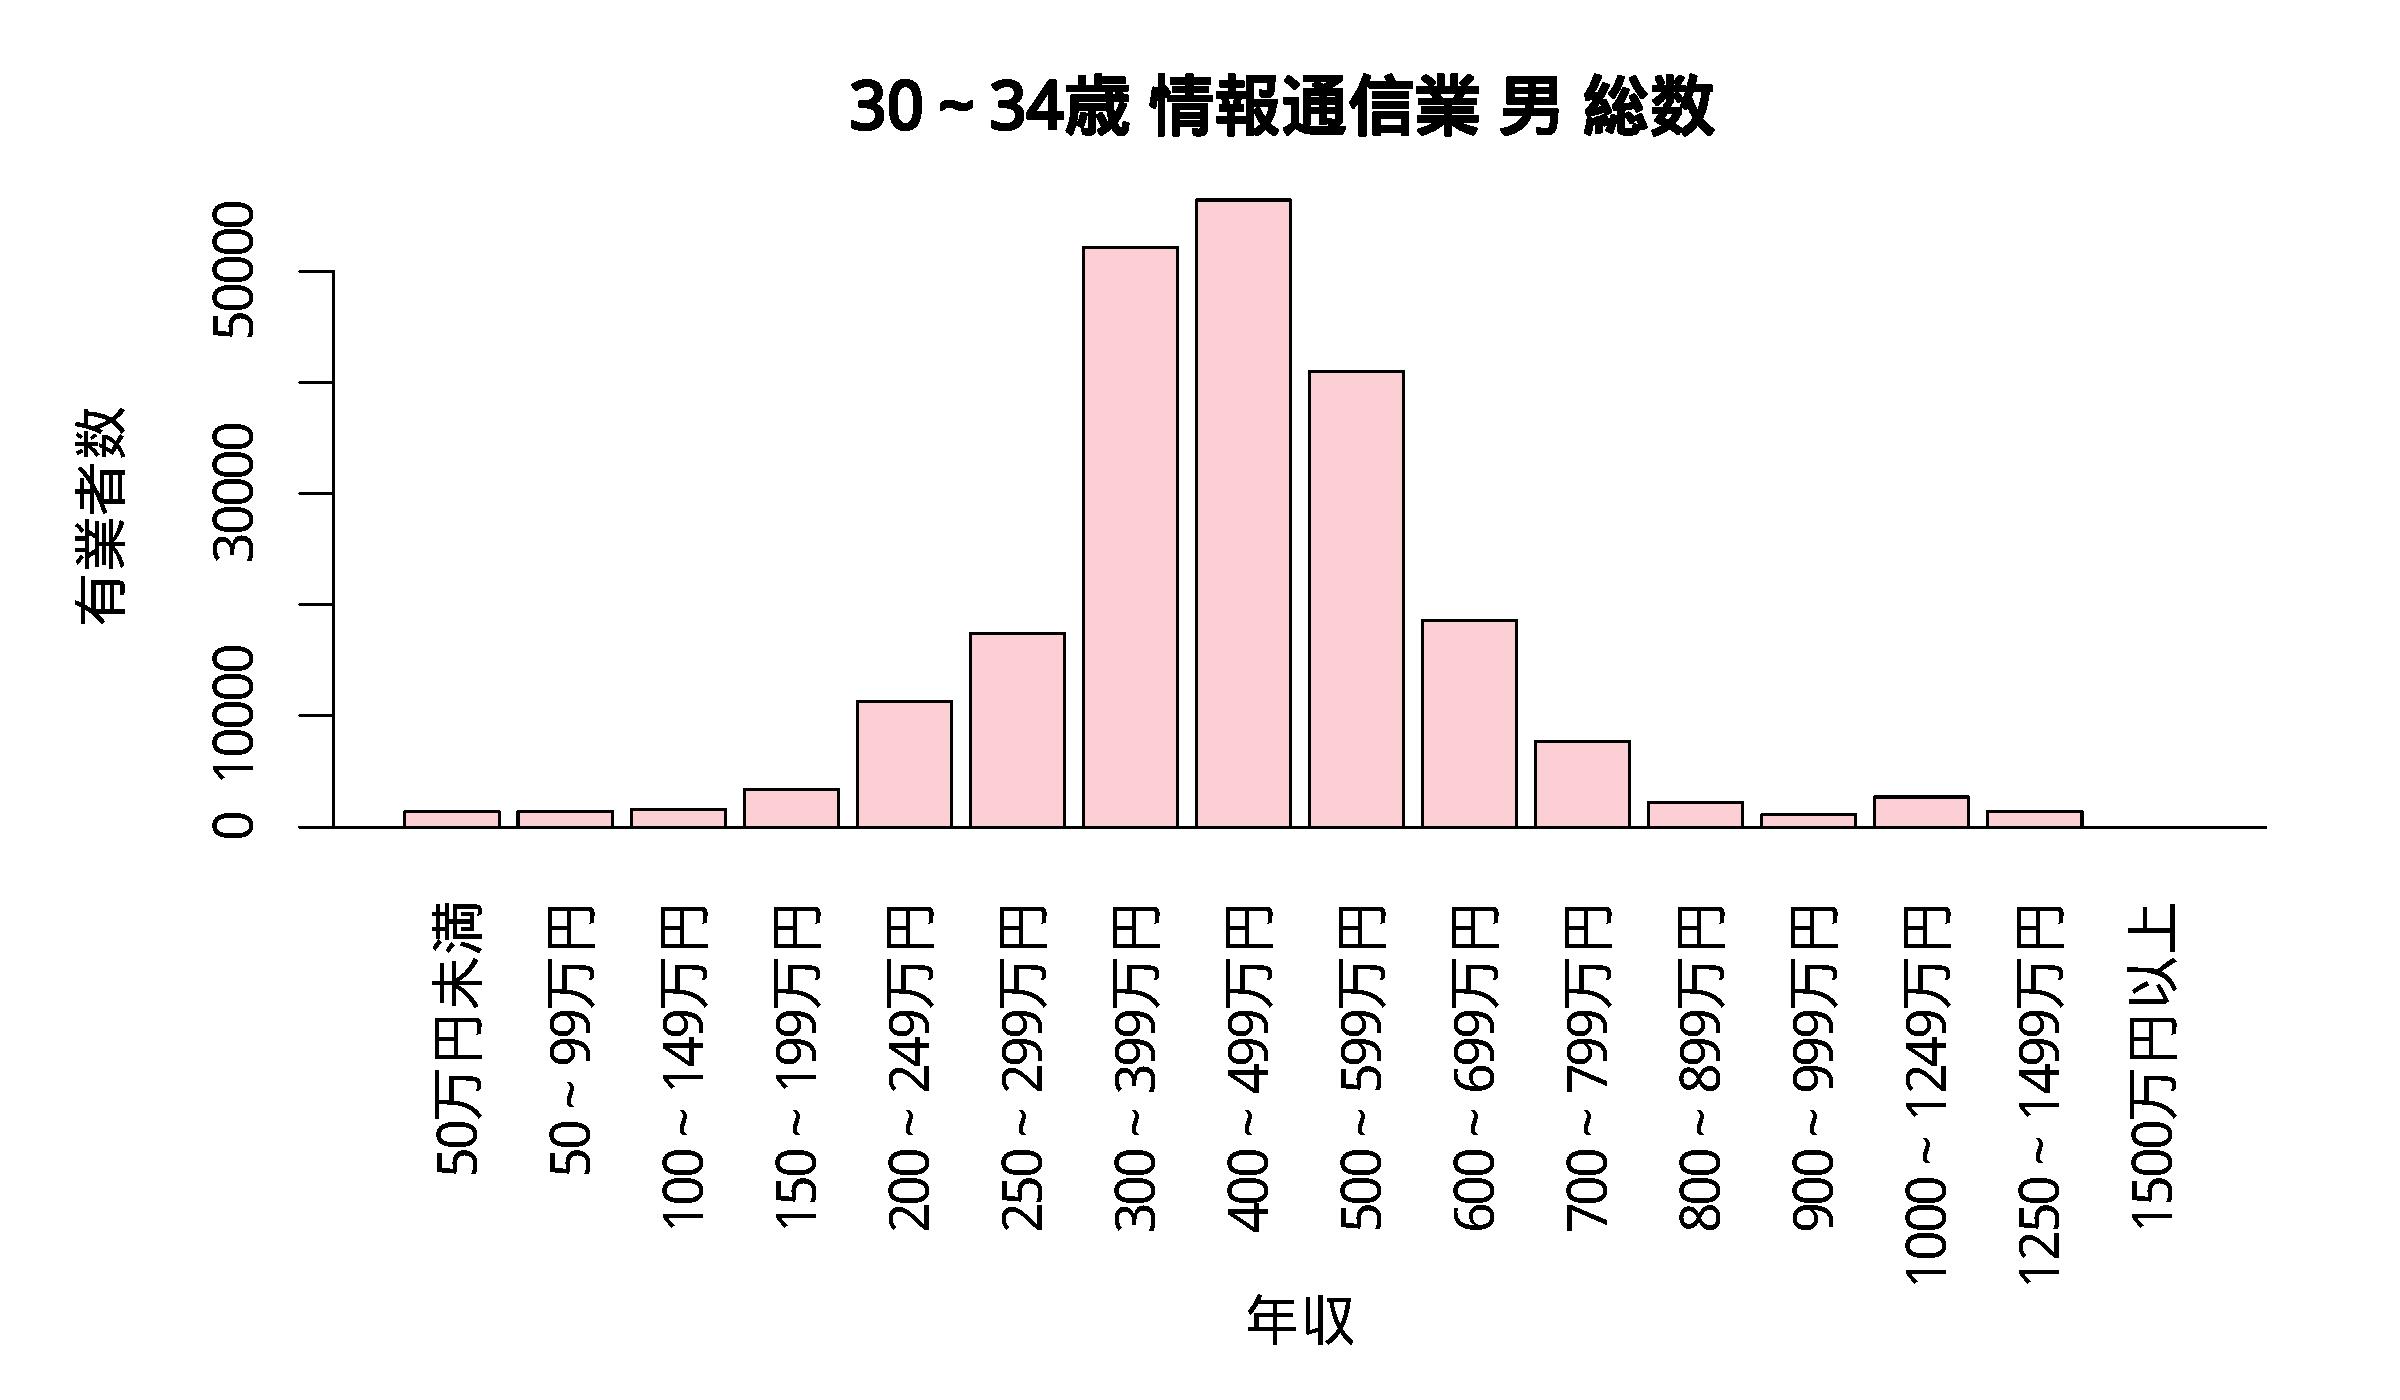 年収分布 30~34歳 情報通信業 男 総数